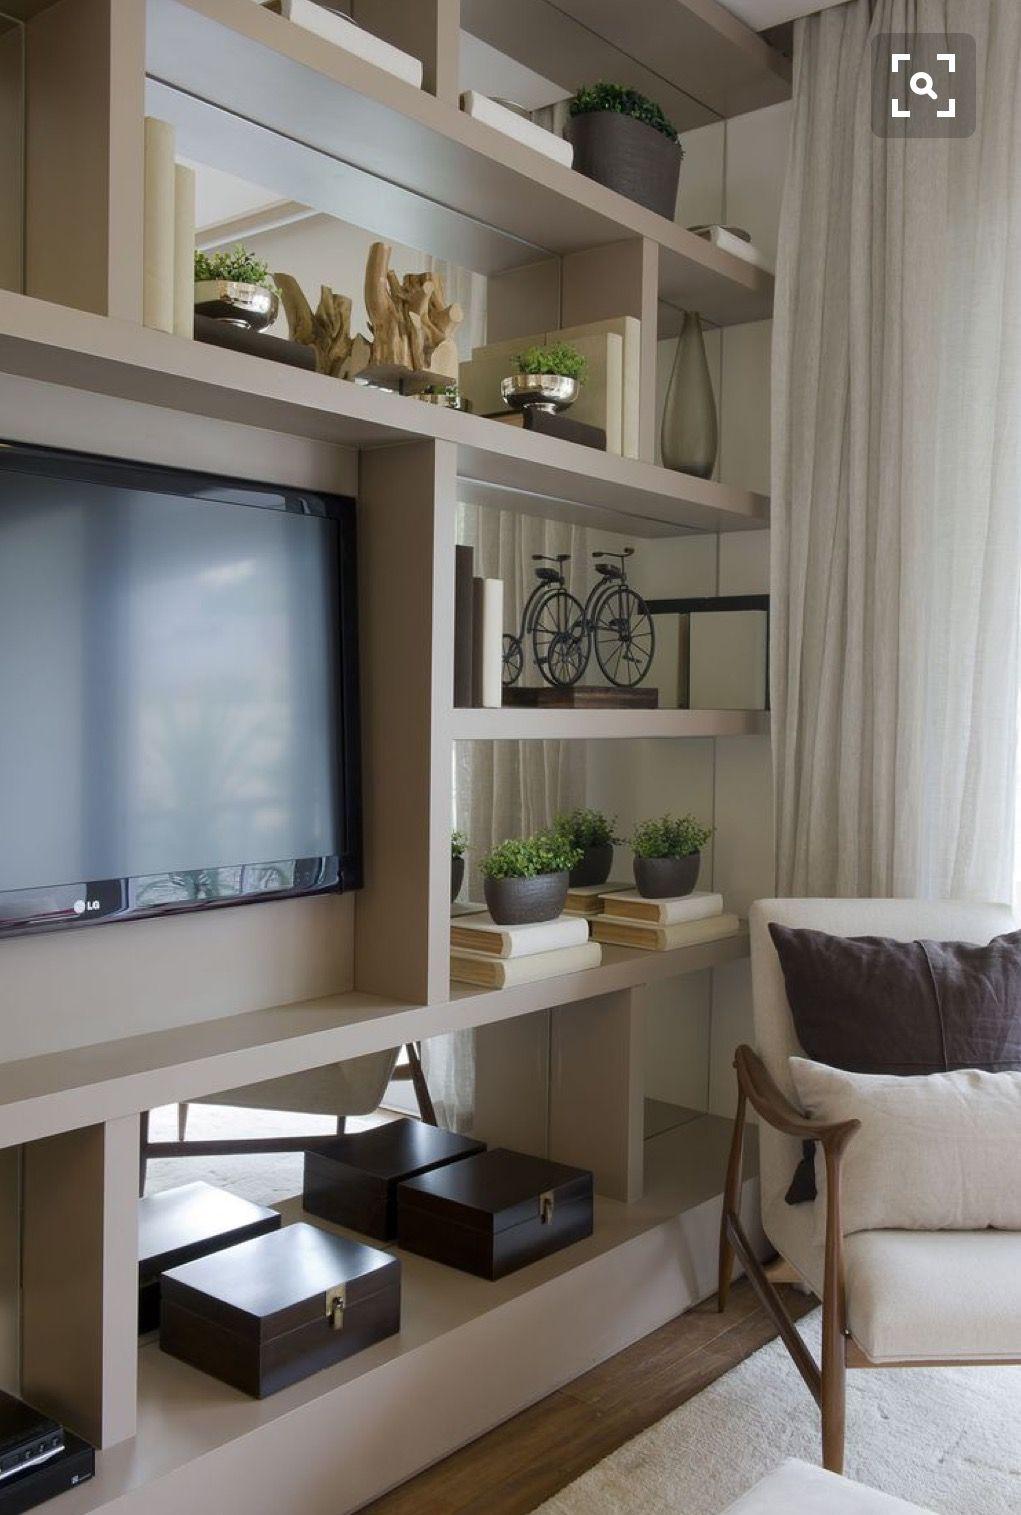 Pingl Par Gina Megna Sur Tv Dilemma Pinterest # Les Meubles Pour La Maison